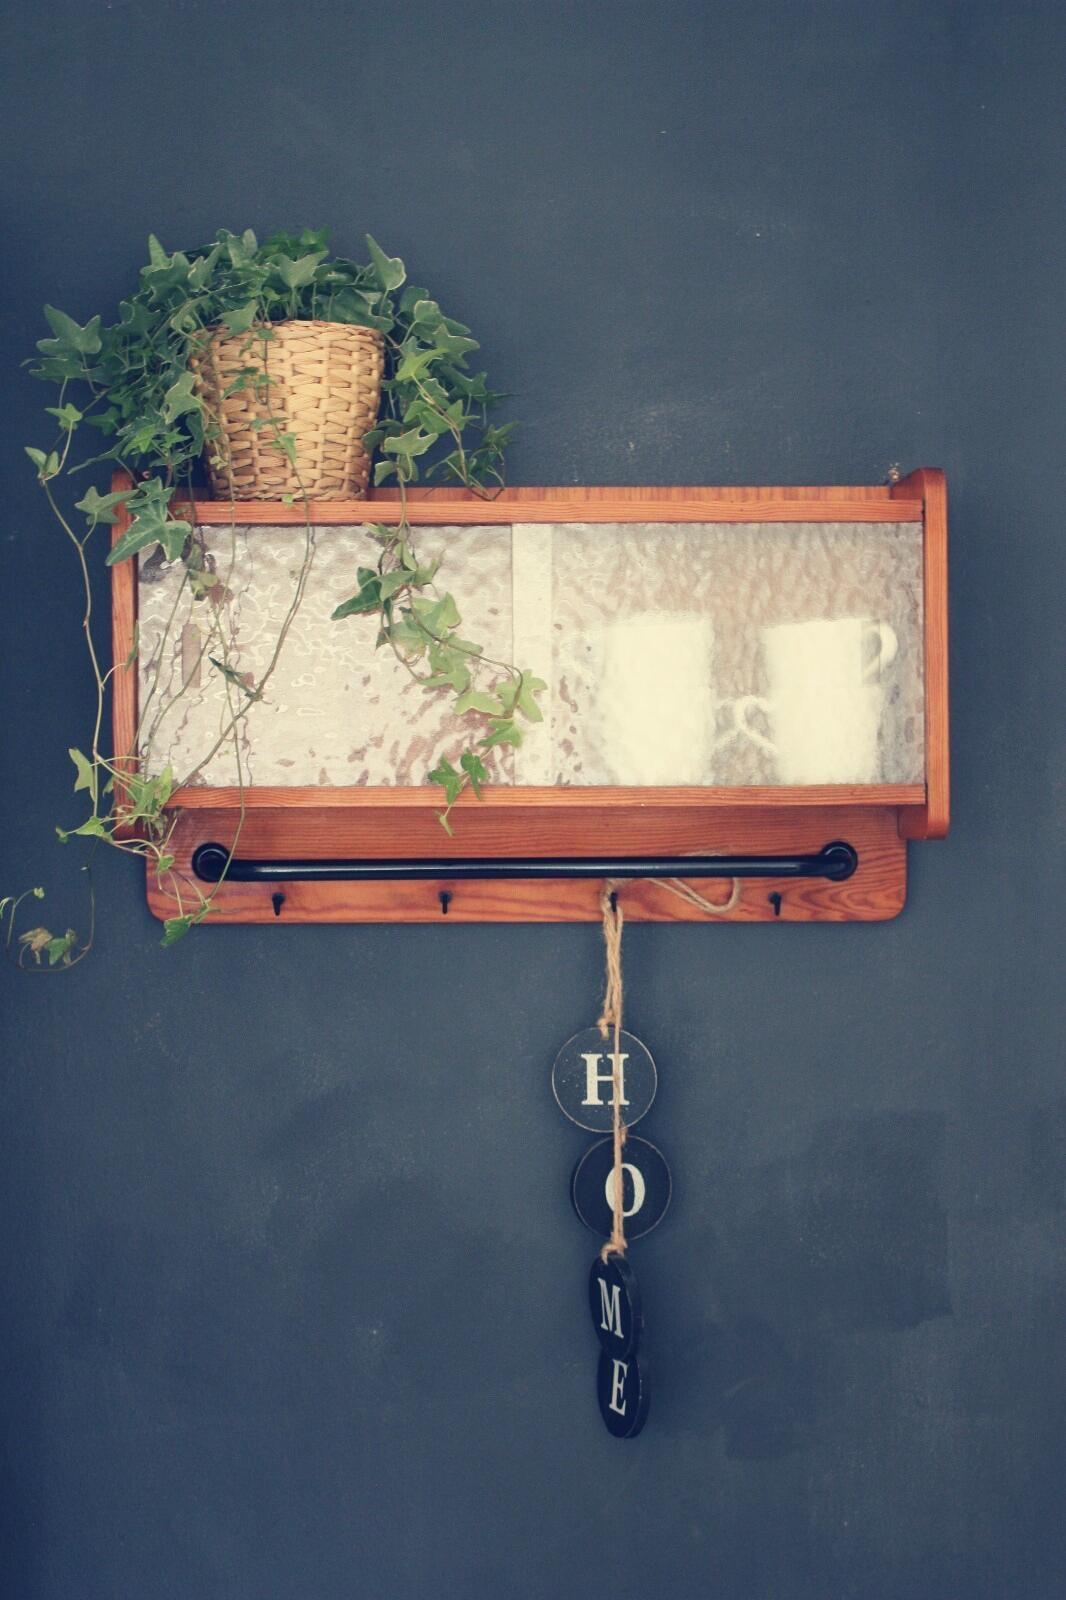 Full Size of Handtuch Halter Küche Handtuchhalter Bilder Ideen Couch Gebrauchte Einbauküche Billig Holzofen Fliesenspiegel Glas Wandtattoo Was Kostet Eine Deckenleuchte Wohnzimmer Handtuch Halter Küche